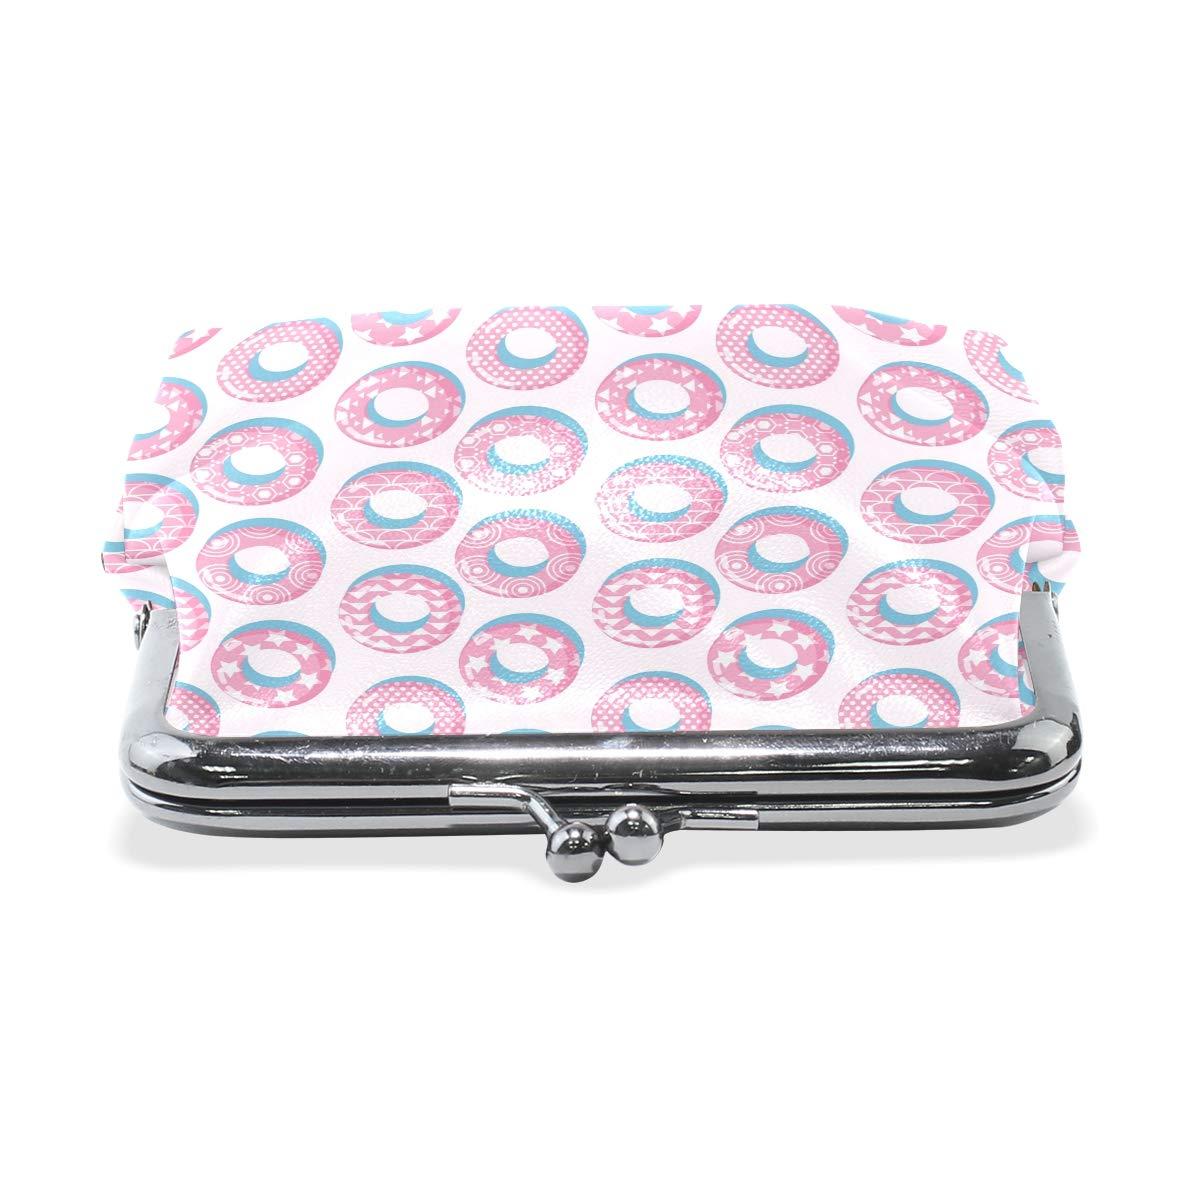 LALATOP Sweet Pink Innertube Womens Coin Pouch Purse wallet Card Holder Clutch Handbag